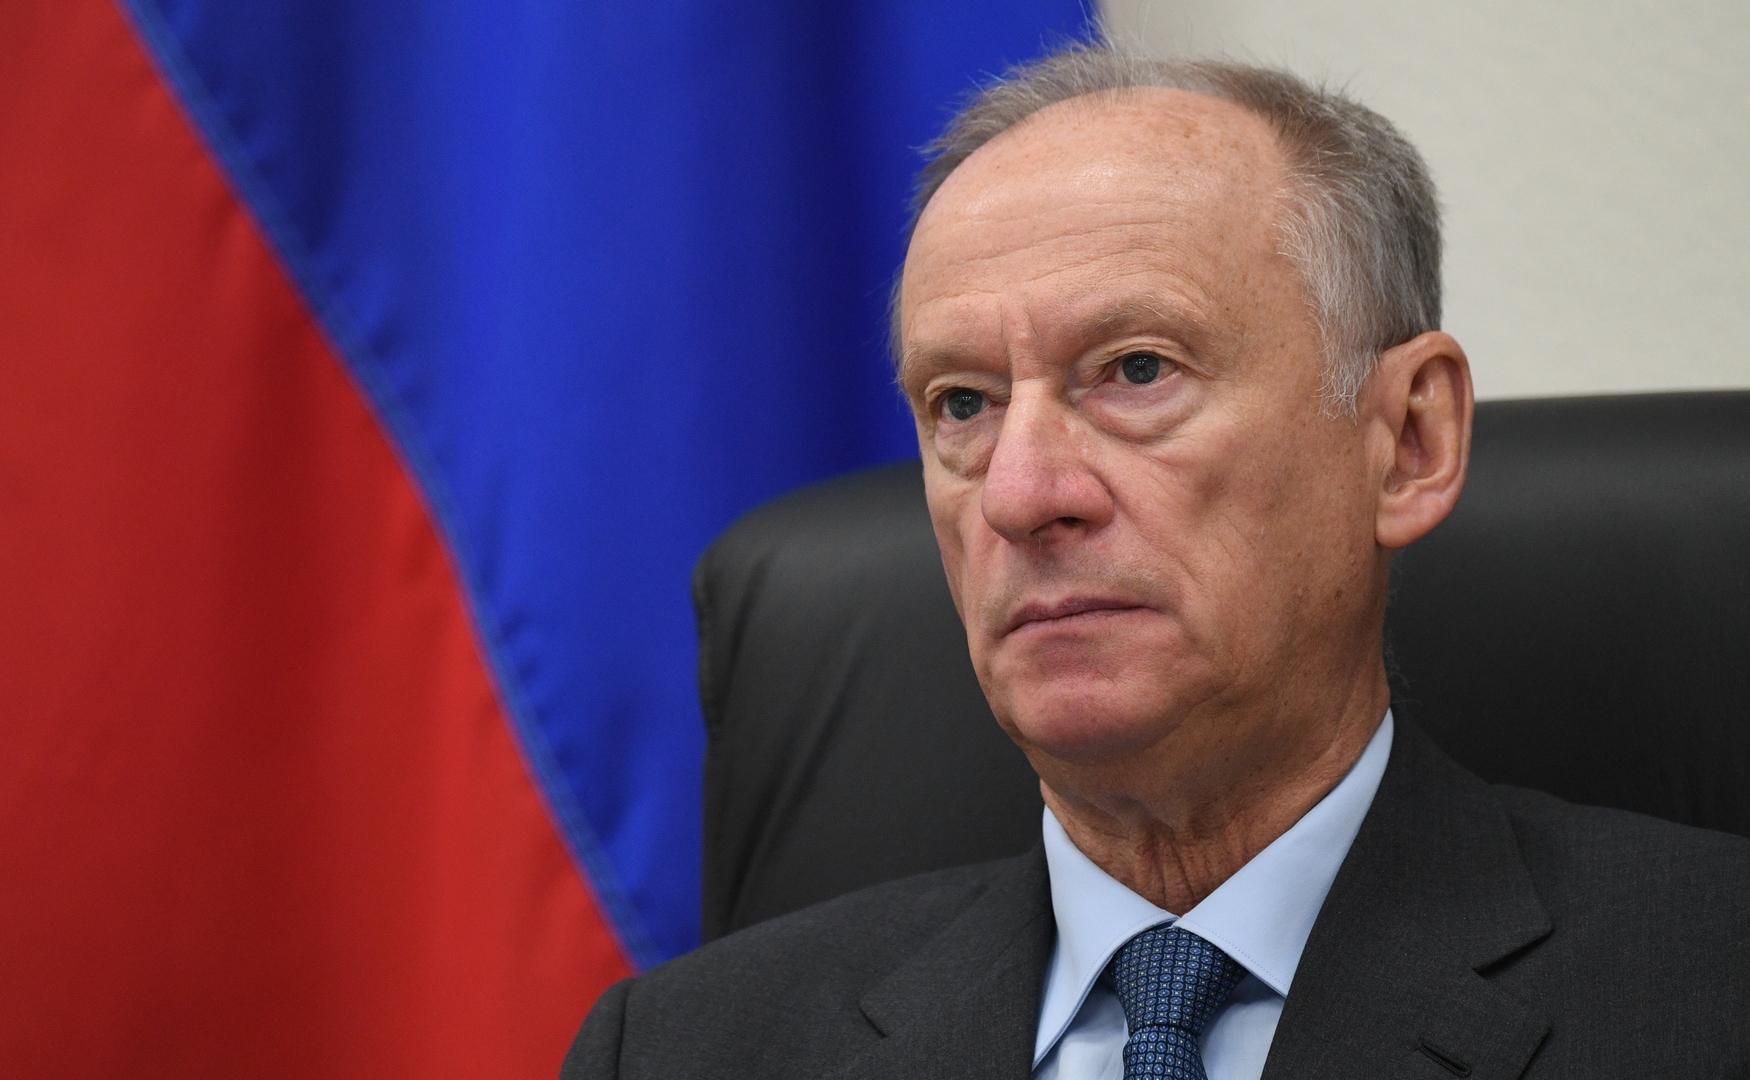 سكرتير مجلس الأمن الروسي يبحث مع مستشار البيت الأبيض للأمن القومي التحضير لقمة بوتين وبايدن